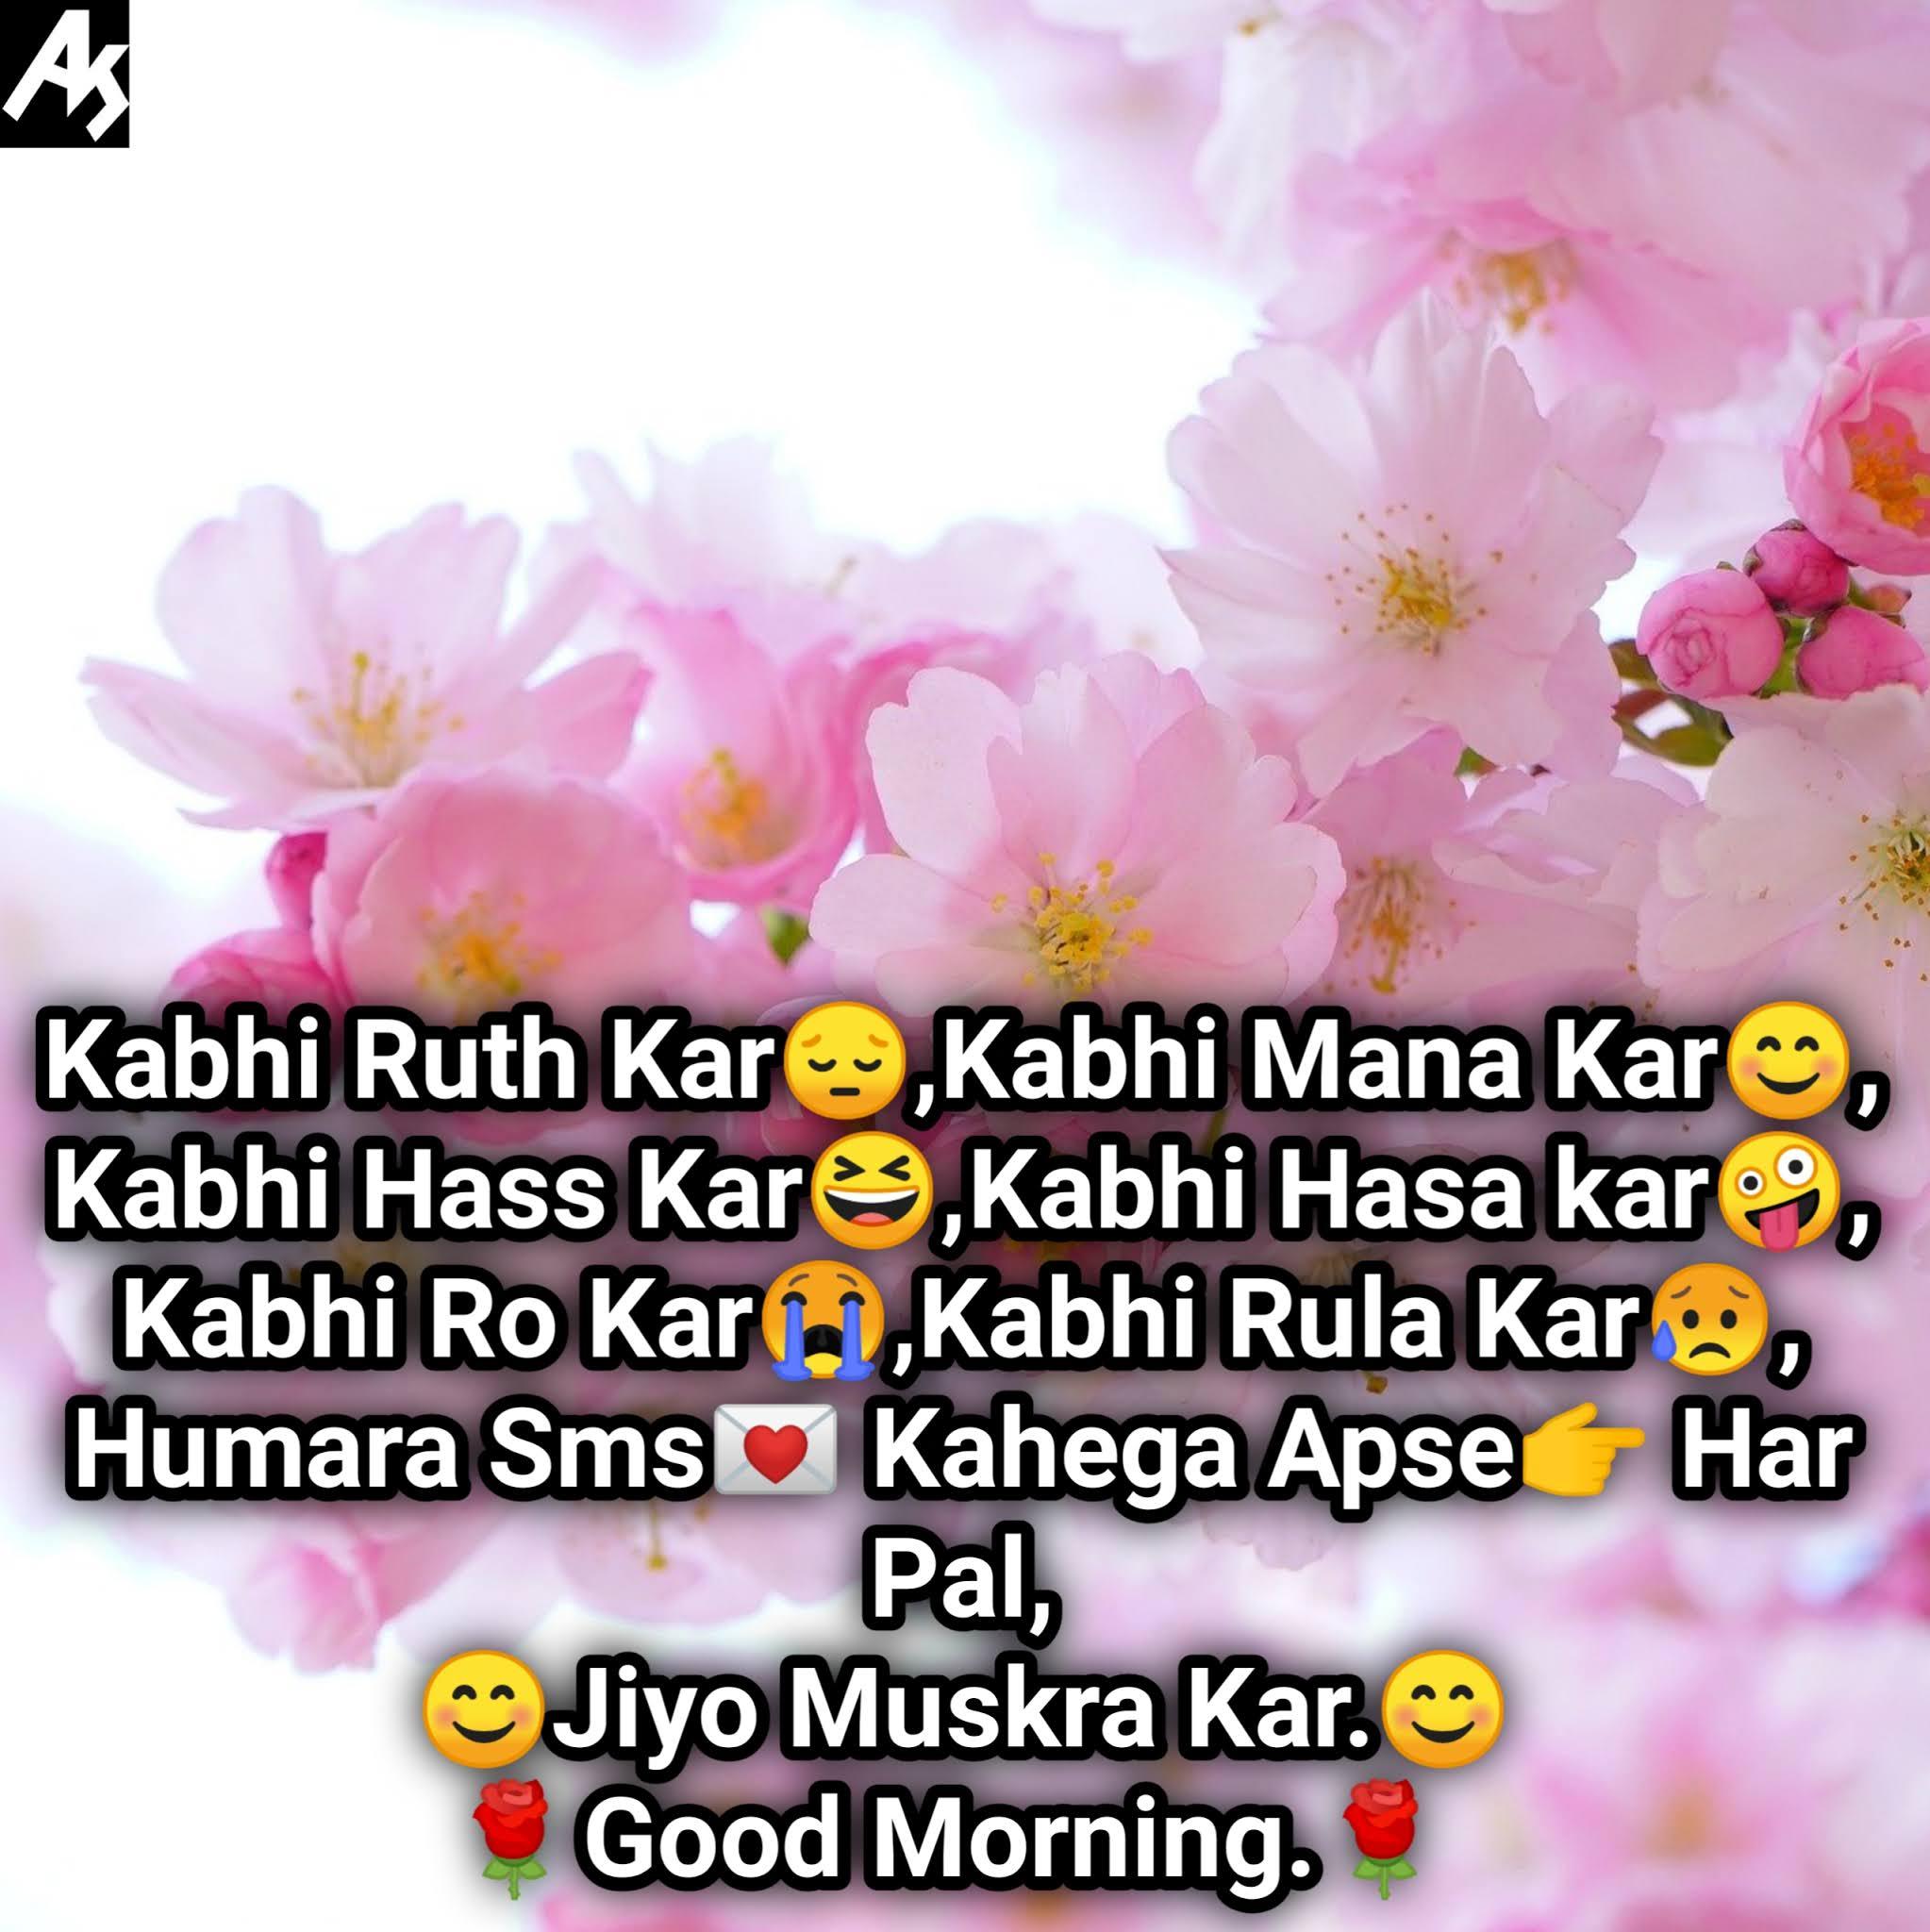 30 Good Morning Love Shayari Image Download Good Morning Shayari Pic Good Morning Shayari With Image